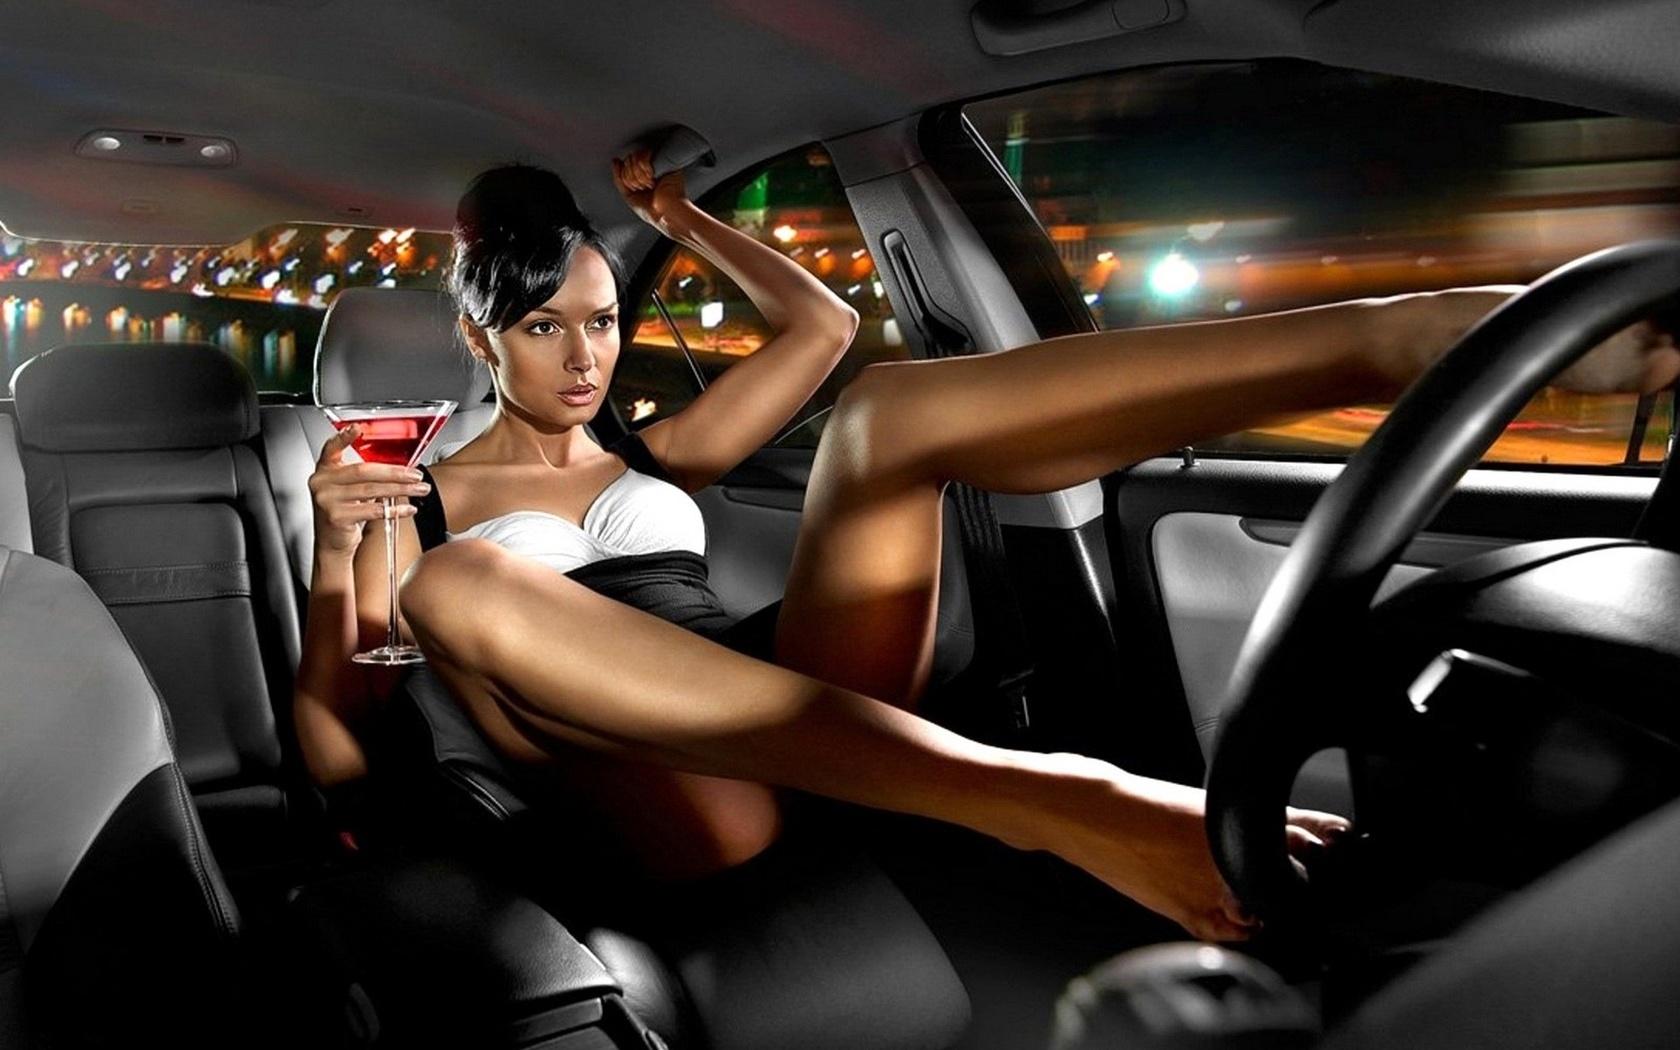 Черный член секс видео автомобили